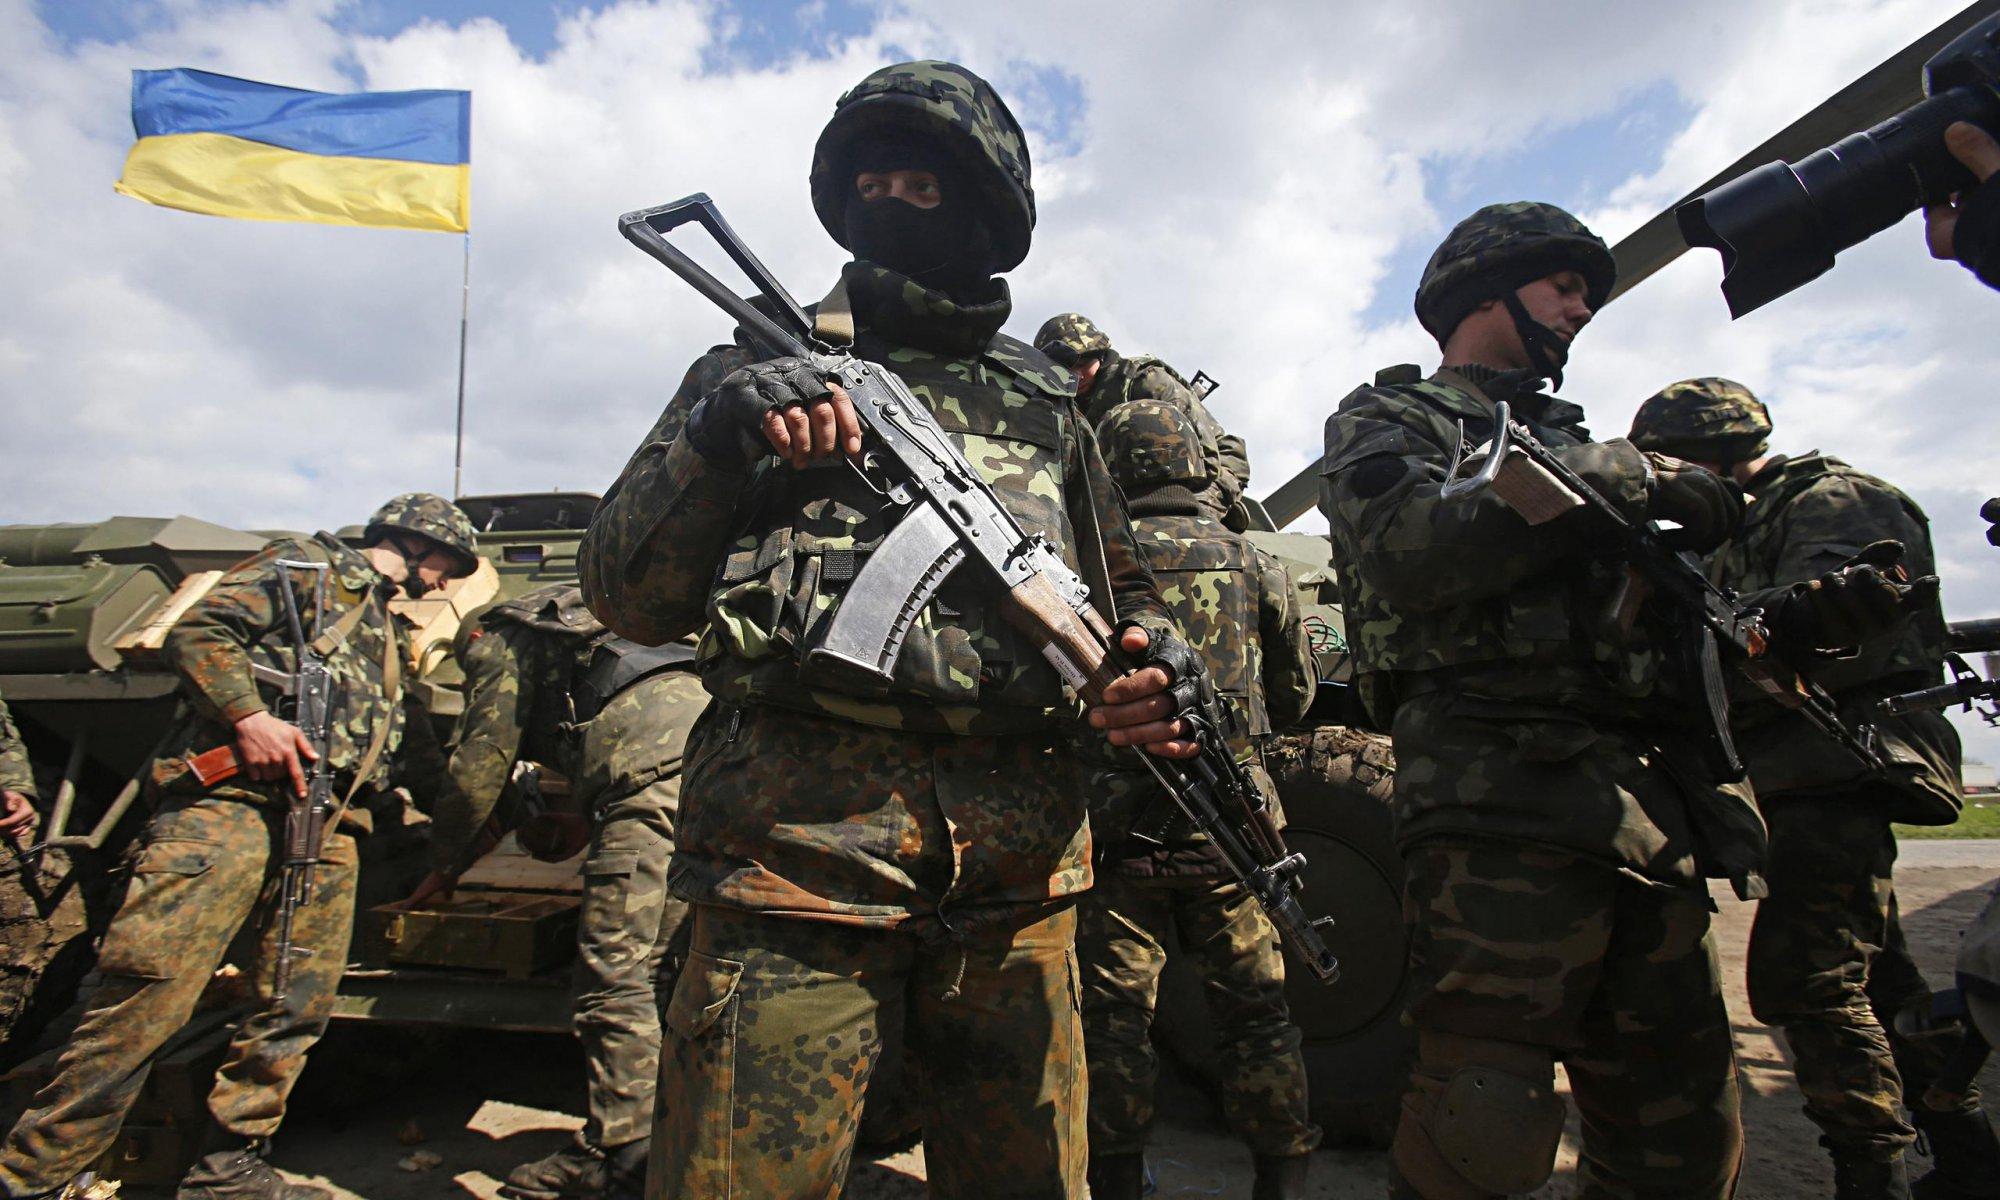 Запад должен начать активно снабжать и обучать украинскую армию! Военная помощь стране должна измеряться миллиардами - Карл Волох